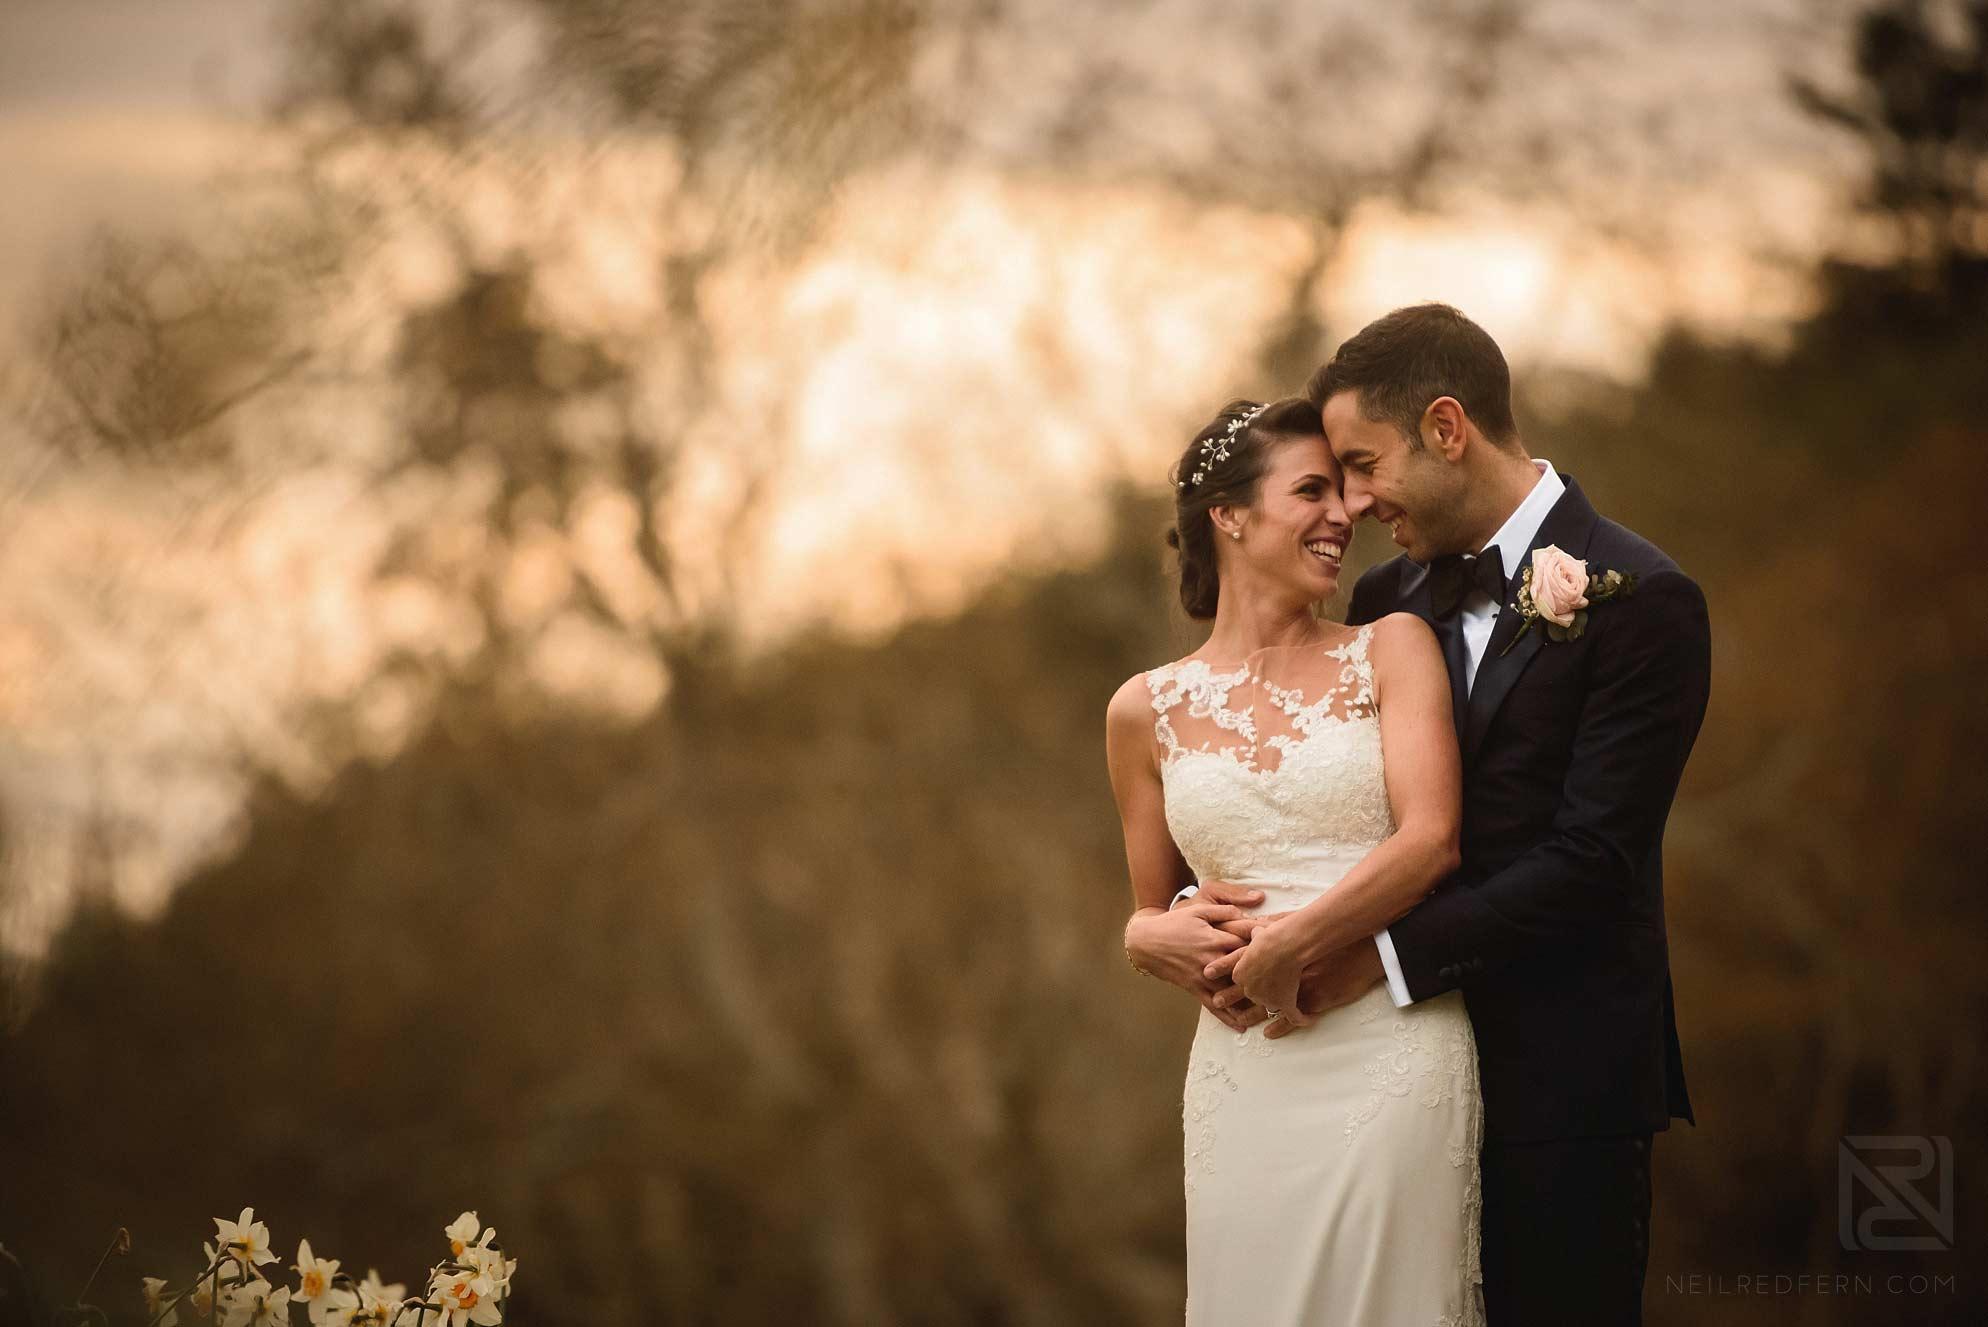 Nanteos-Mansion-wedding-photographs-48